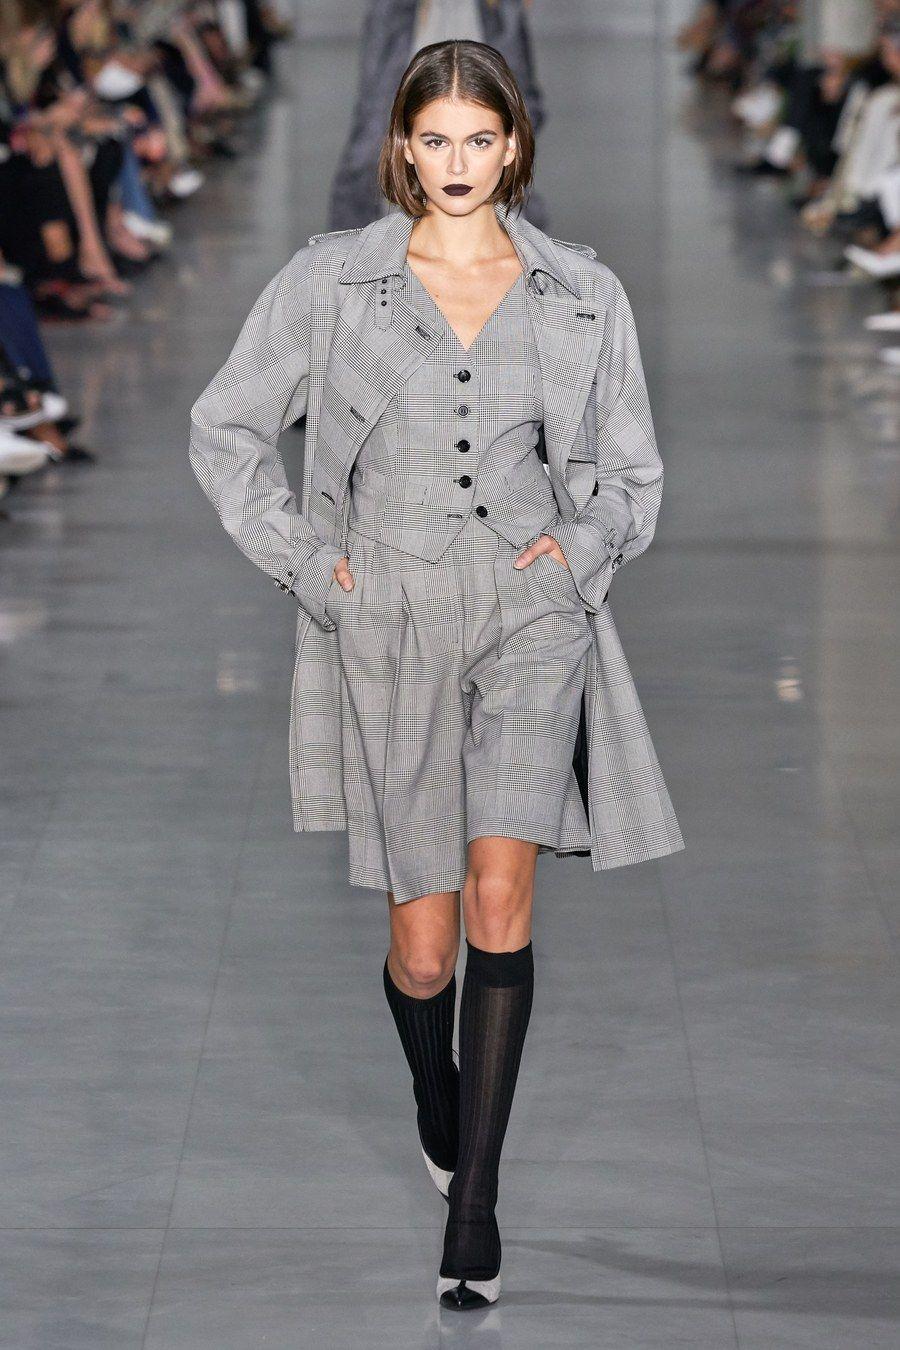 Max Mara Spring 2020 ReadytoWear Fashion Show (с